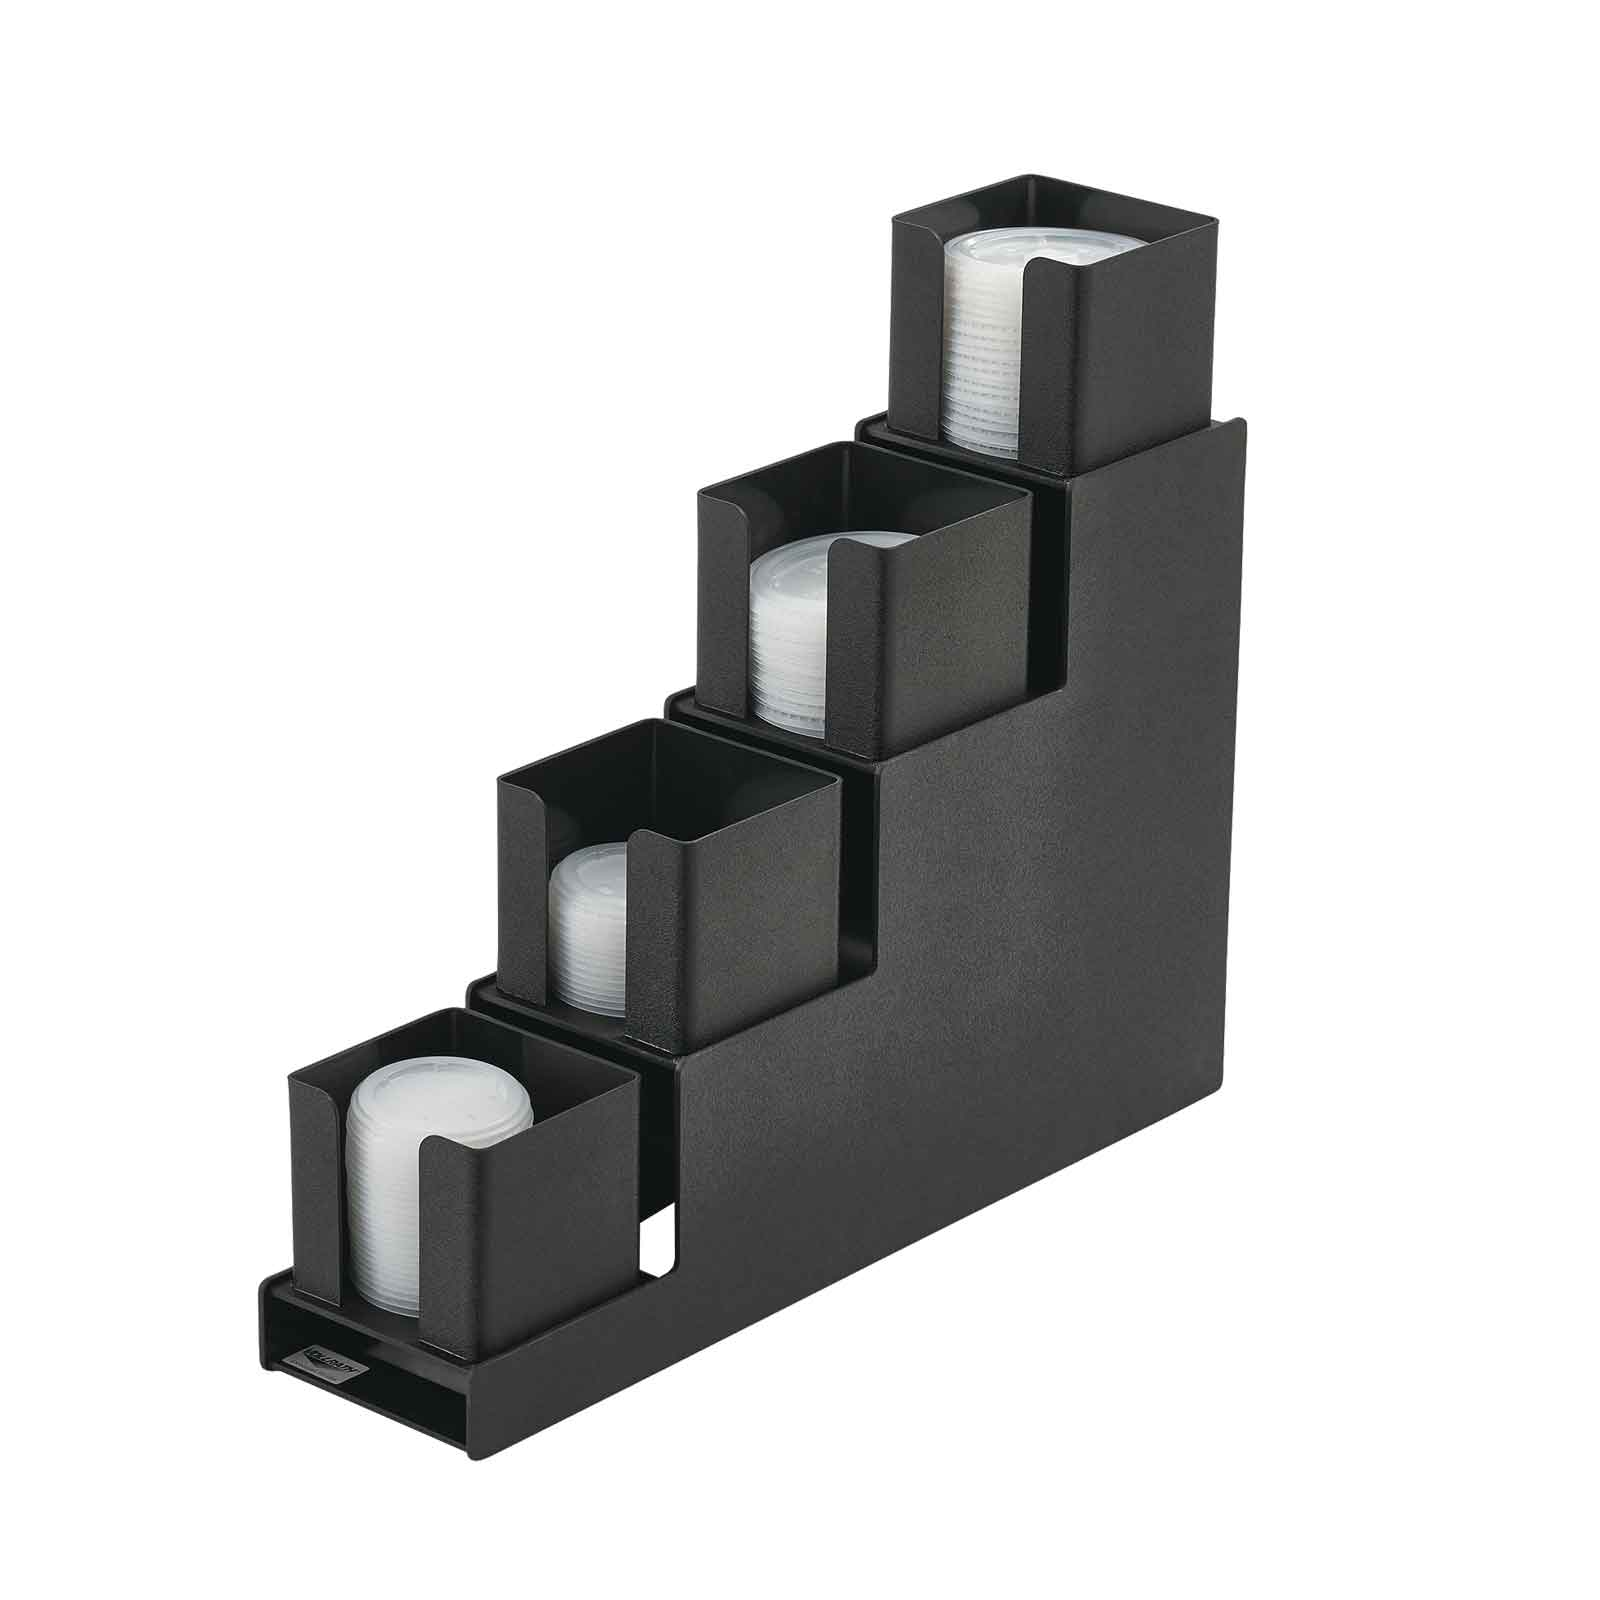 Vollrath VL-4 lid dispenser, countertop